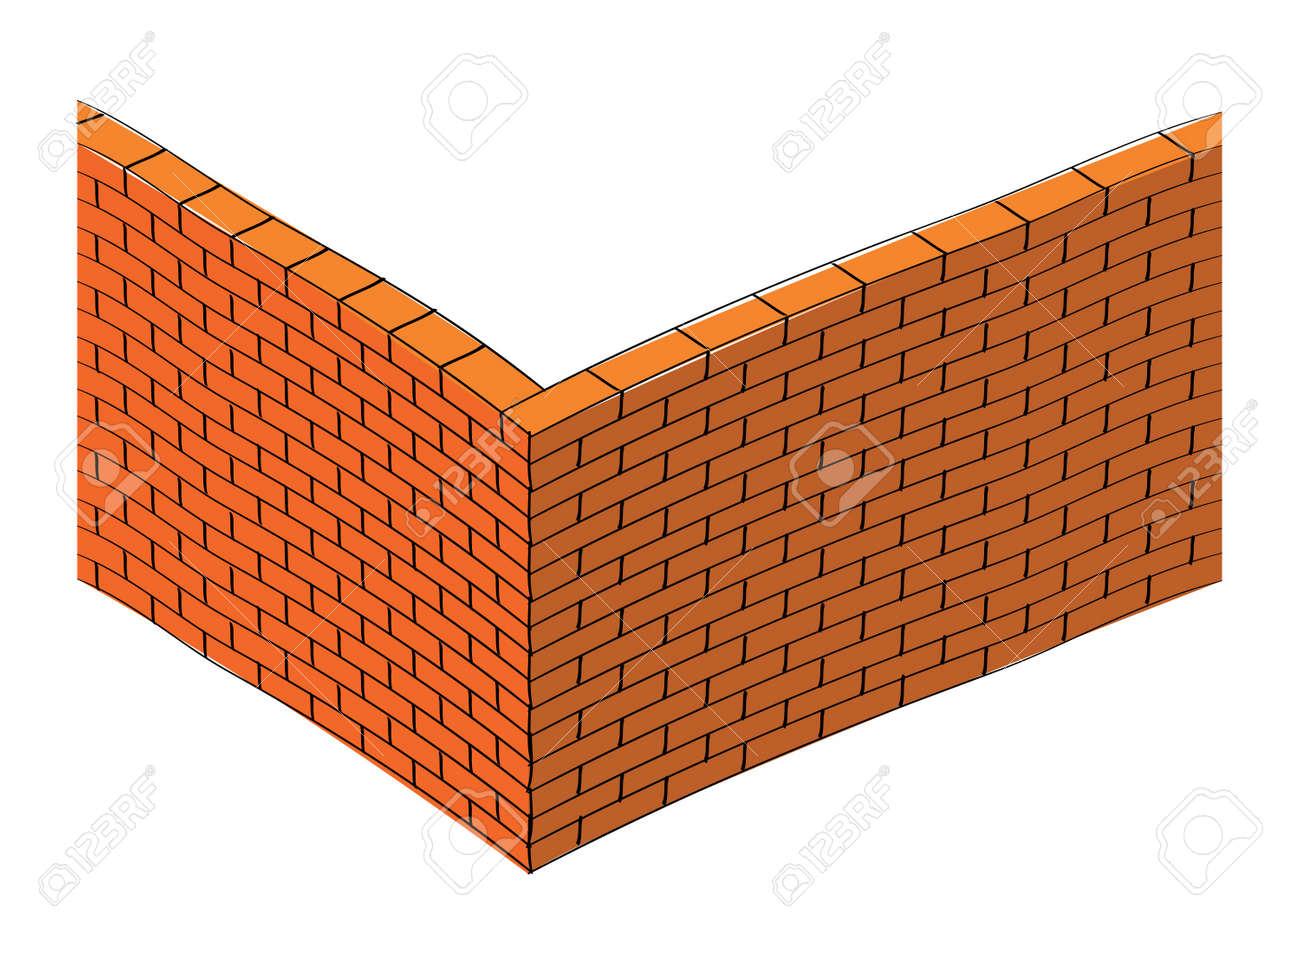 3d Brick Wall Illustration Stock Vector